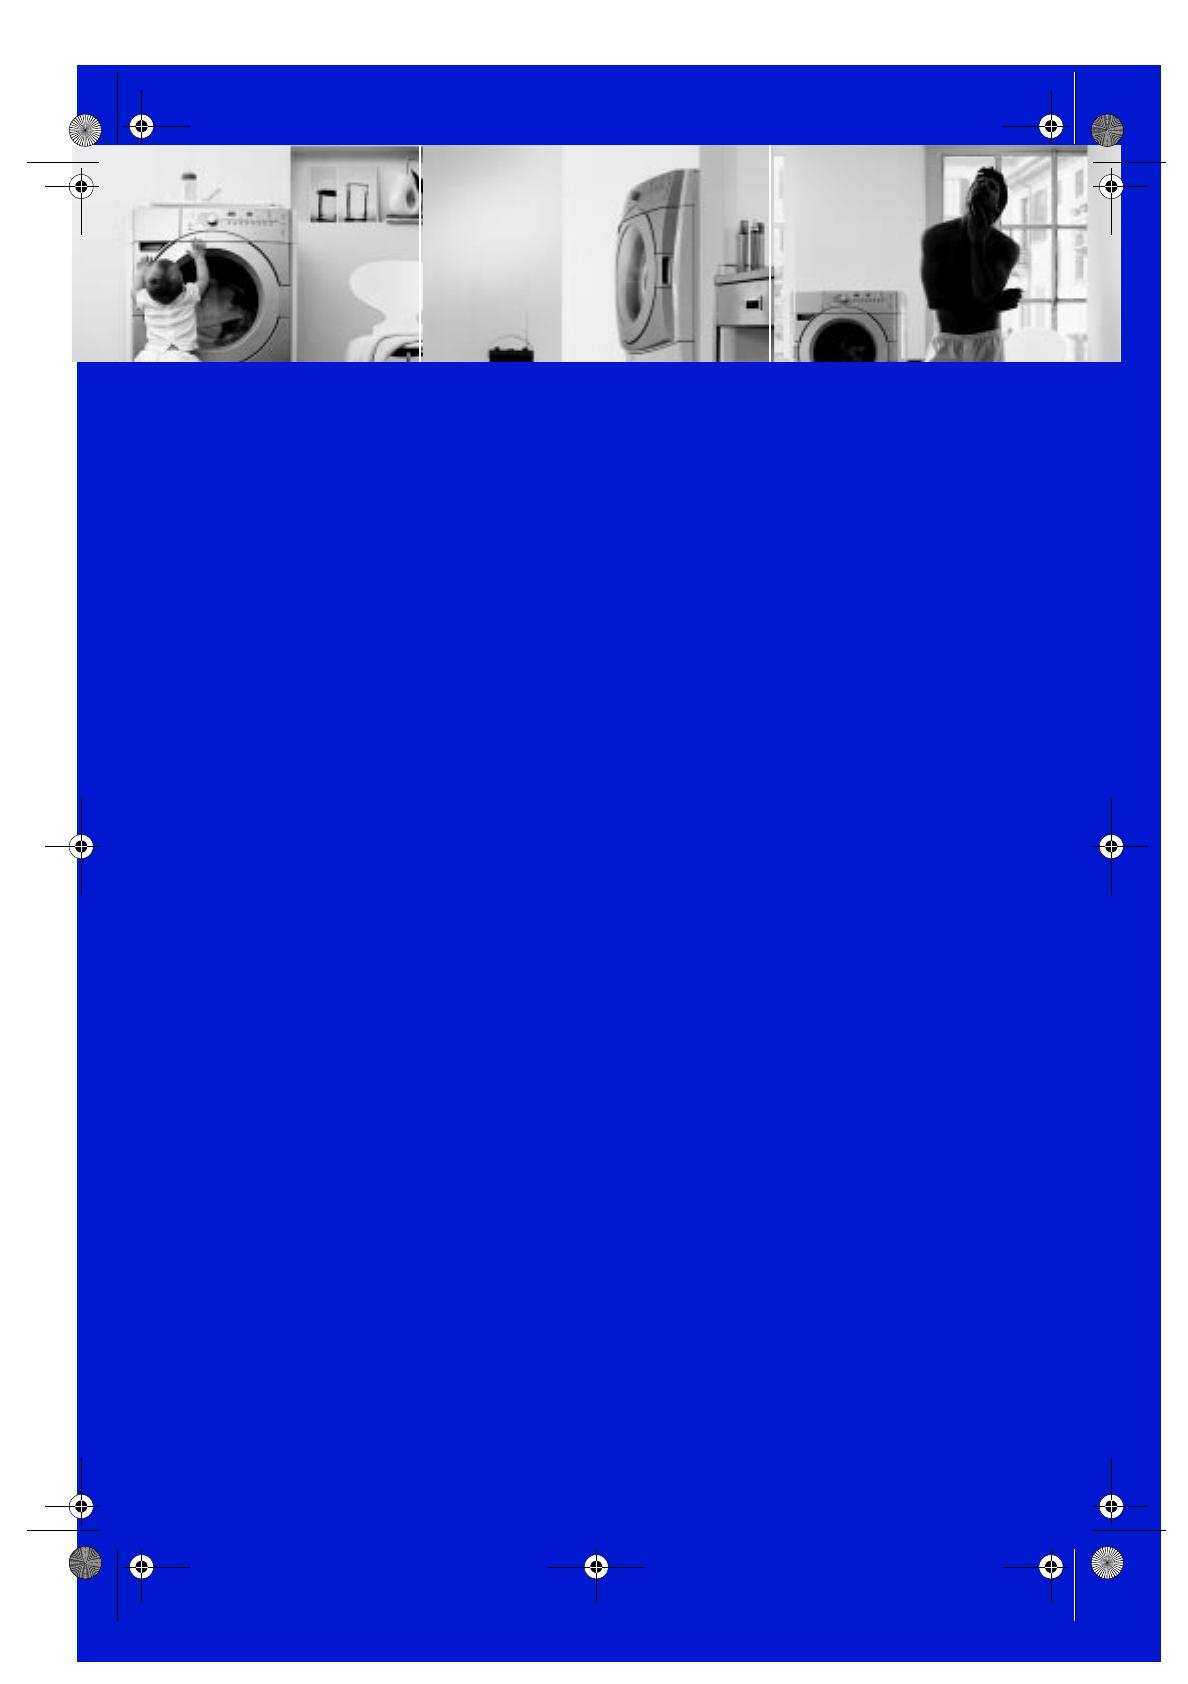 bedienungsanleitung bauknecht wab 8795 big seite 1 von 14 deutsch. Black Bedroom Furniture Sets. Home Design Ideas